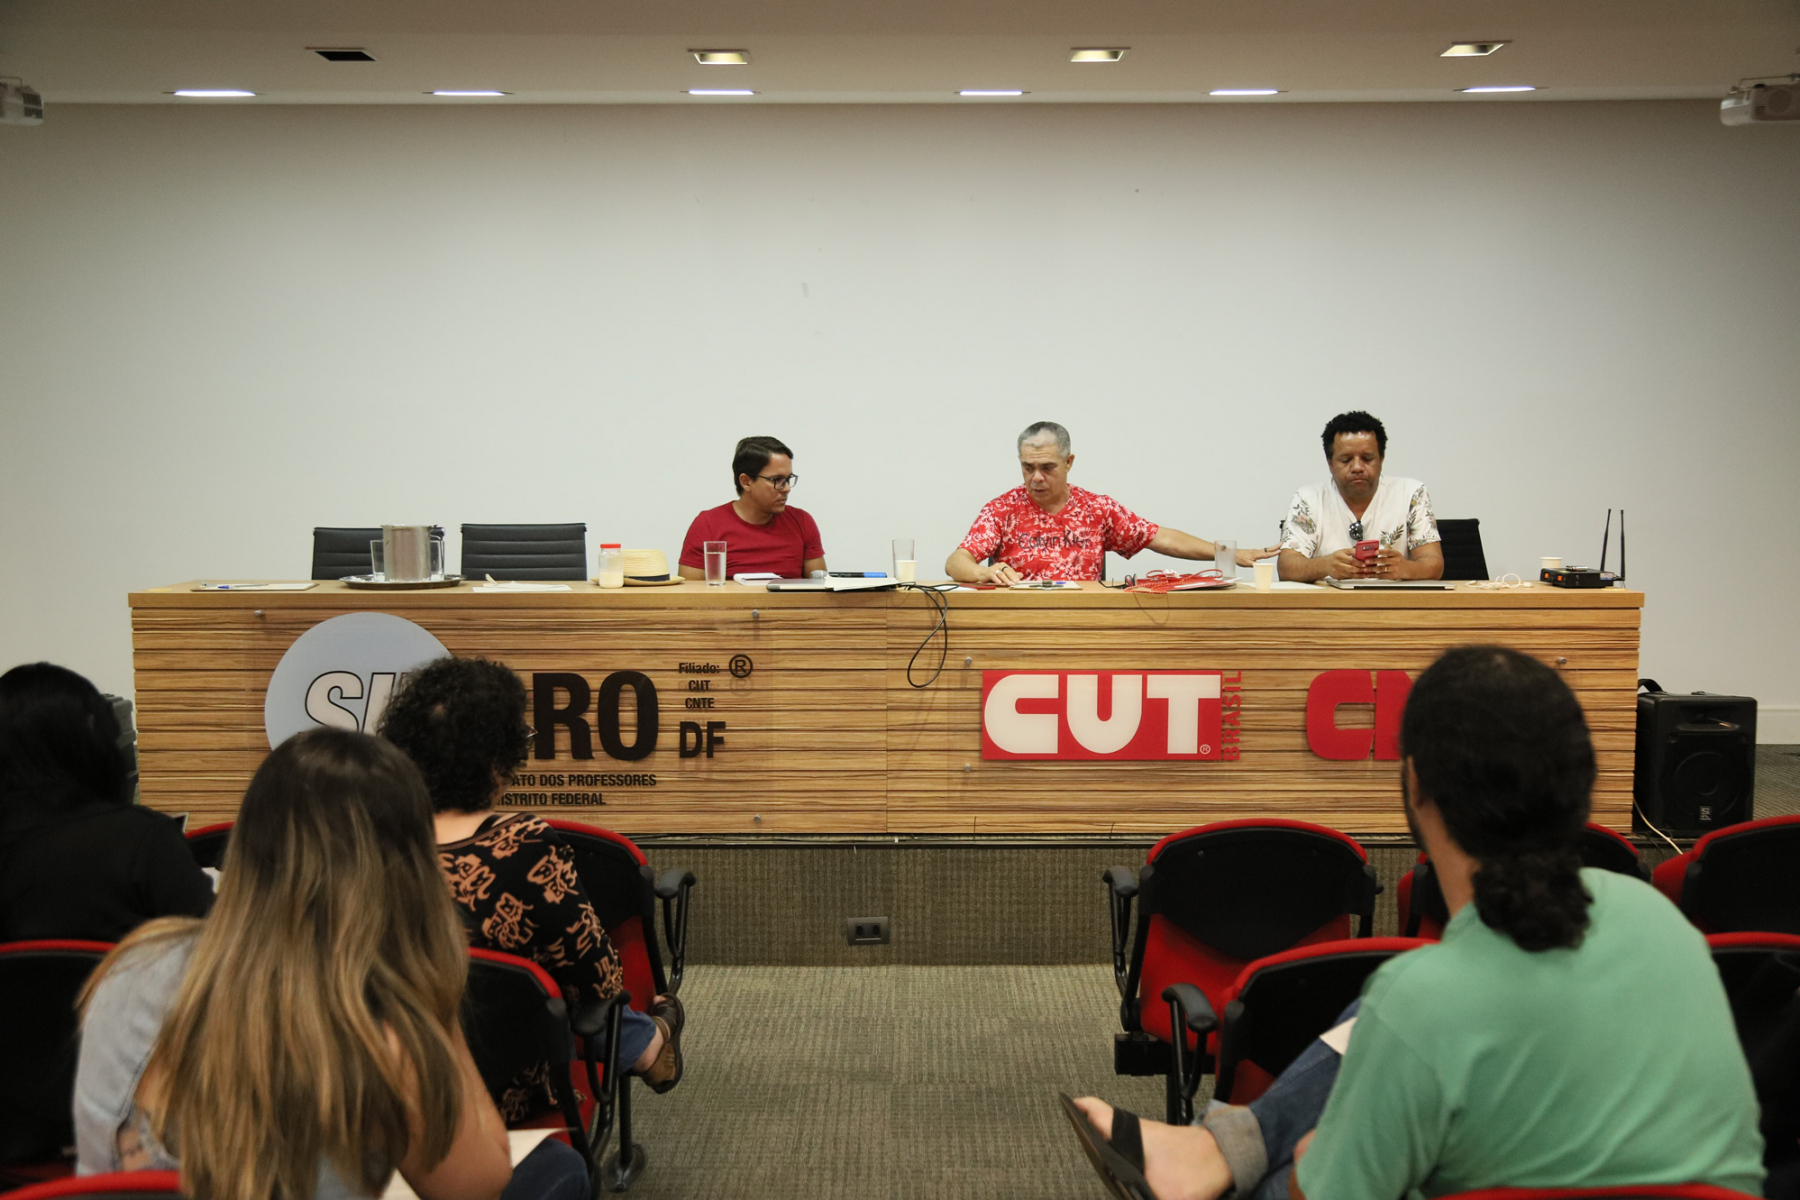 2019.01.17-Reuniao-sobre-Militarizacao-das-escolas-34